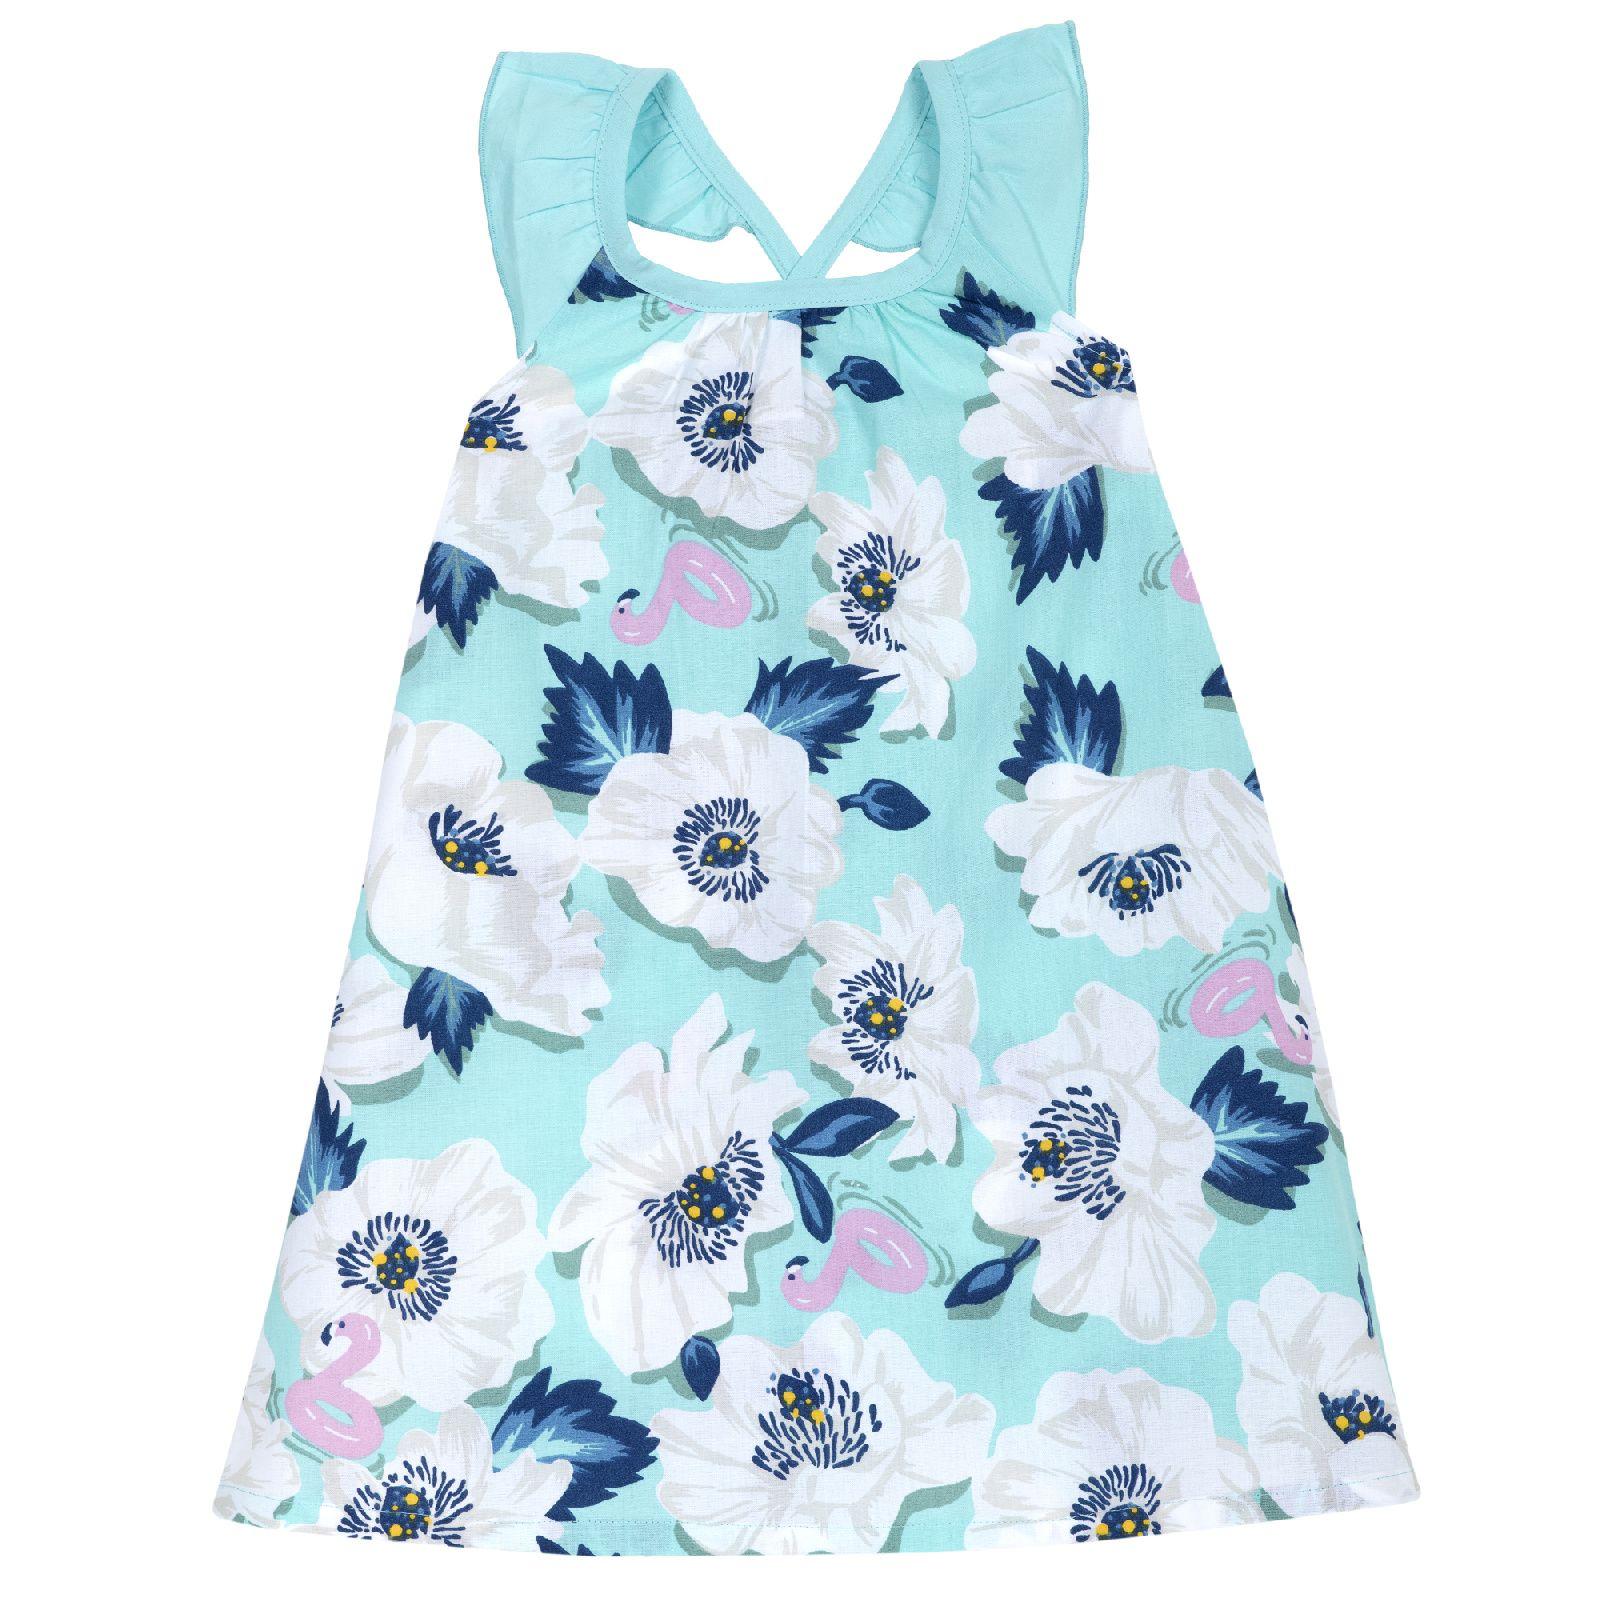 Купить 09003468, Платье Chicco р.098, Цветы, цвет бело-голубой, Платья для девочек